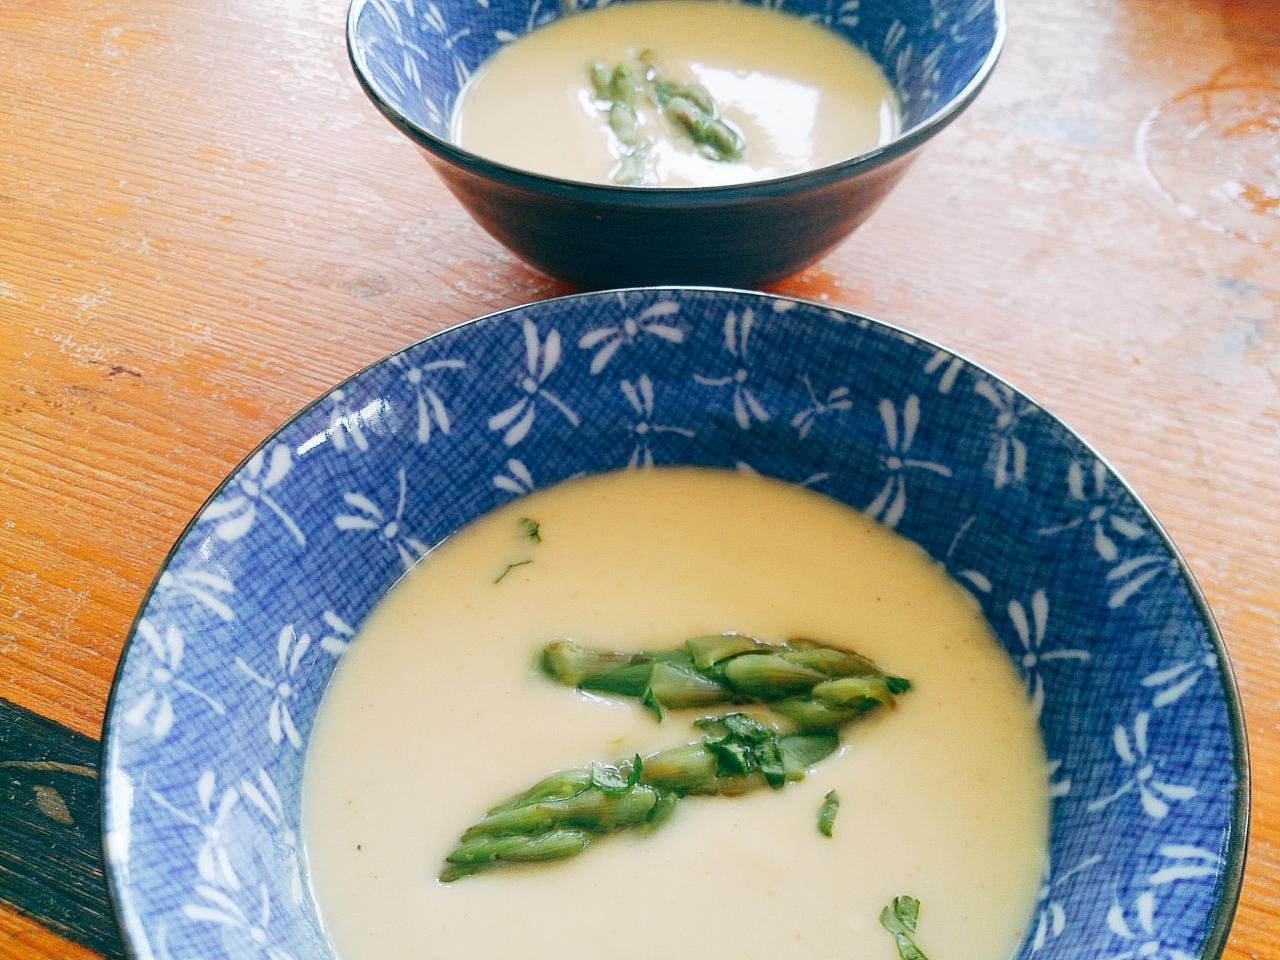 Courgette cream